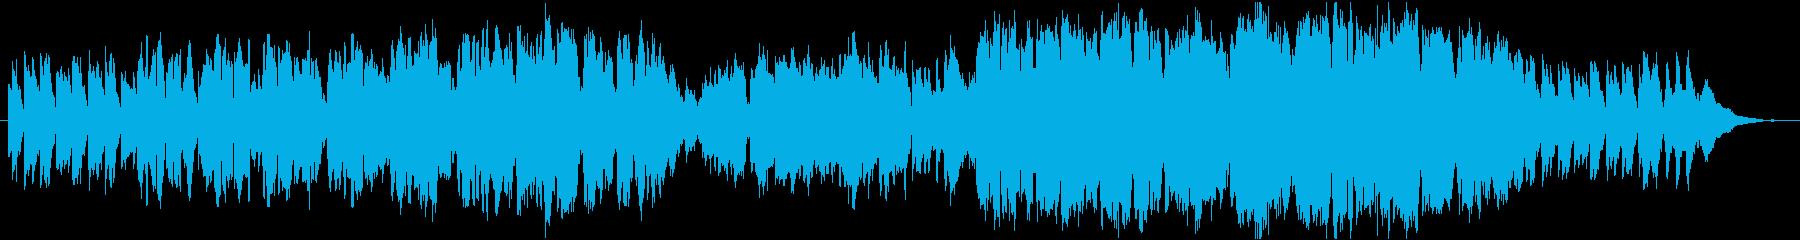 のどかなケルト風 歌ものの再生済みの波形